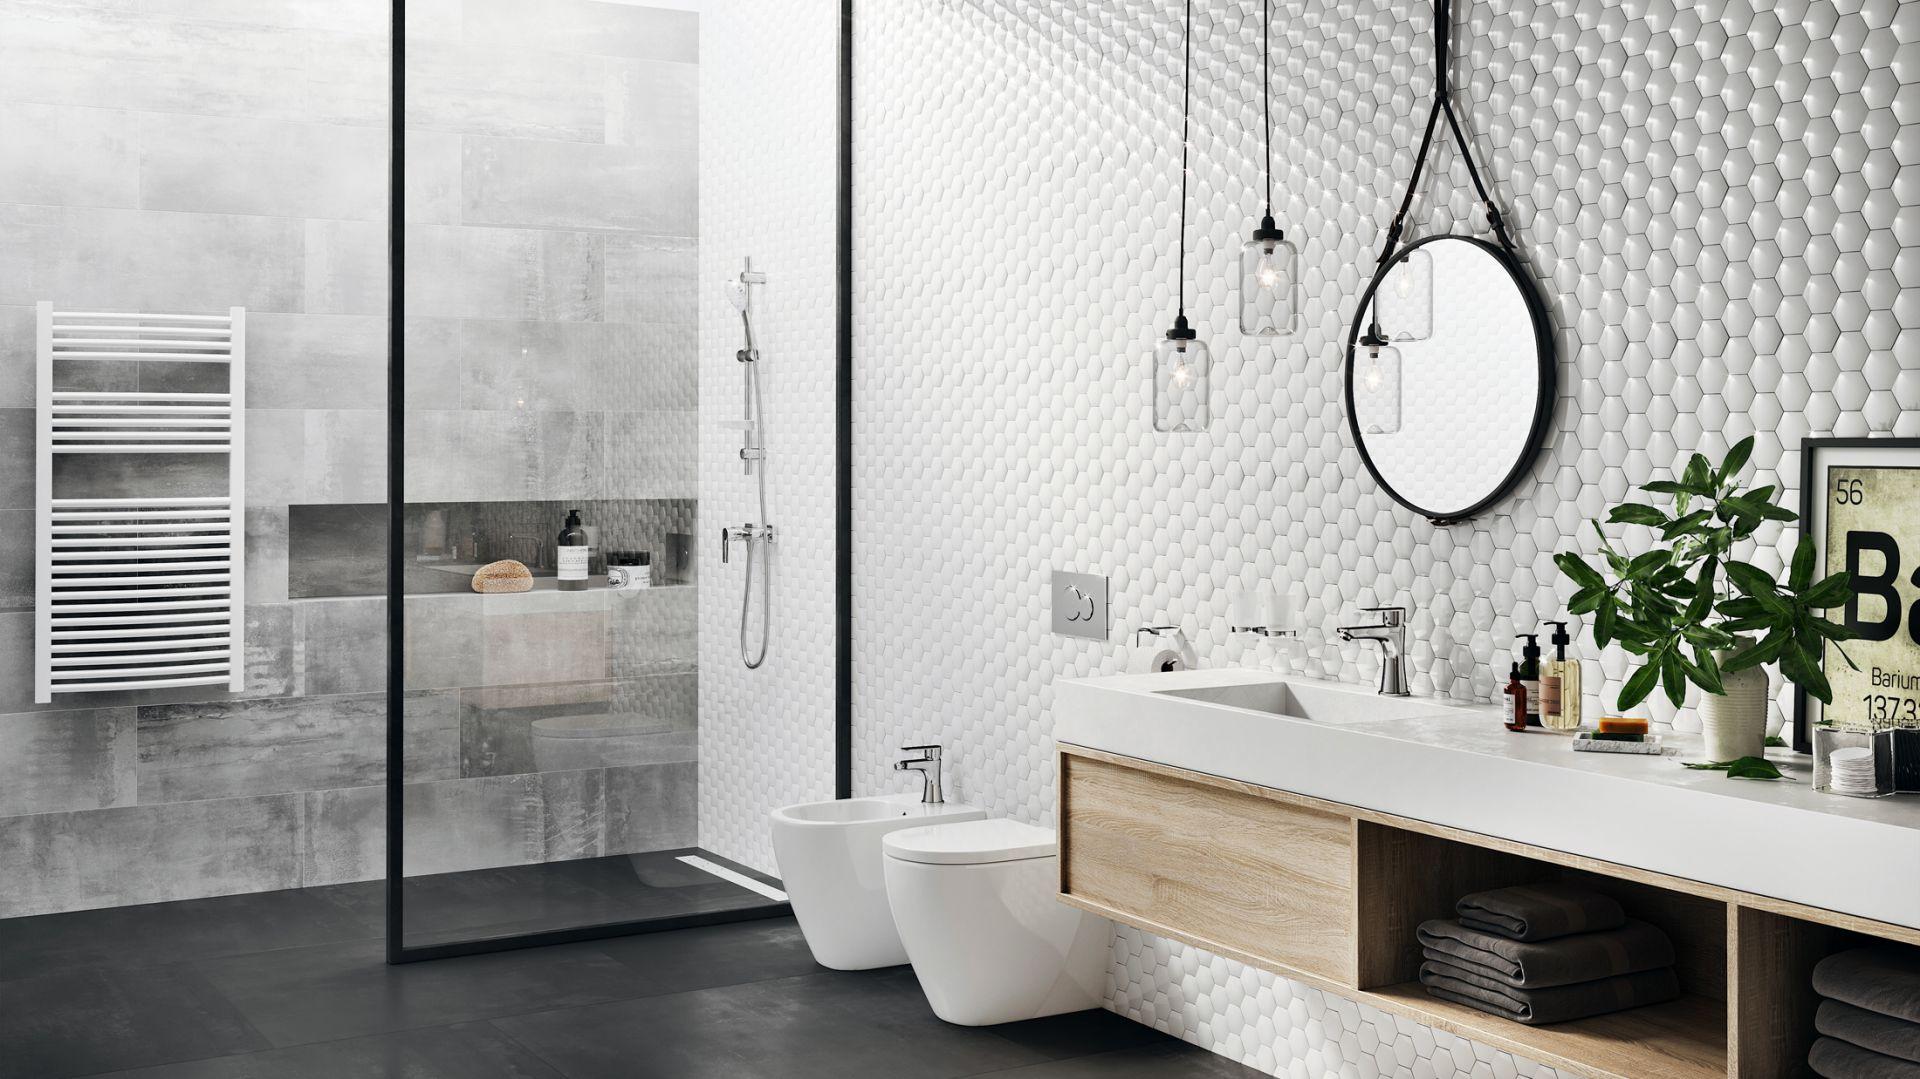 Łazienka w stylu skandynawskim: bateria umywalkowa Algeo Square. Fot. Ferro